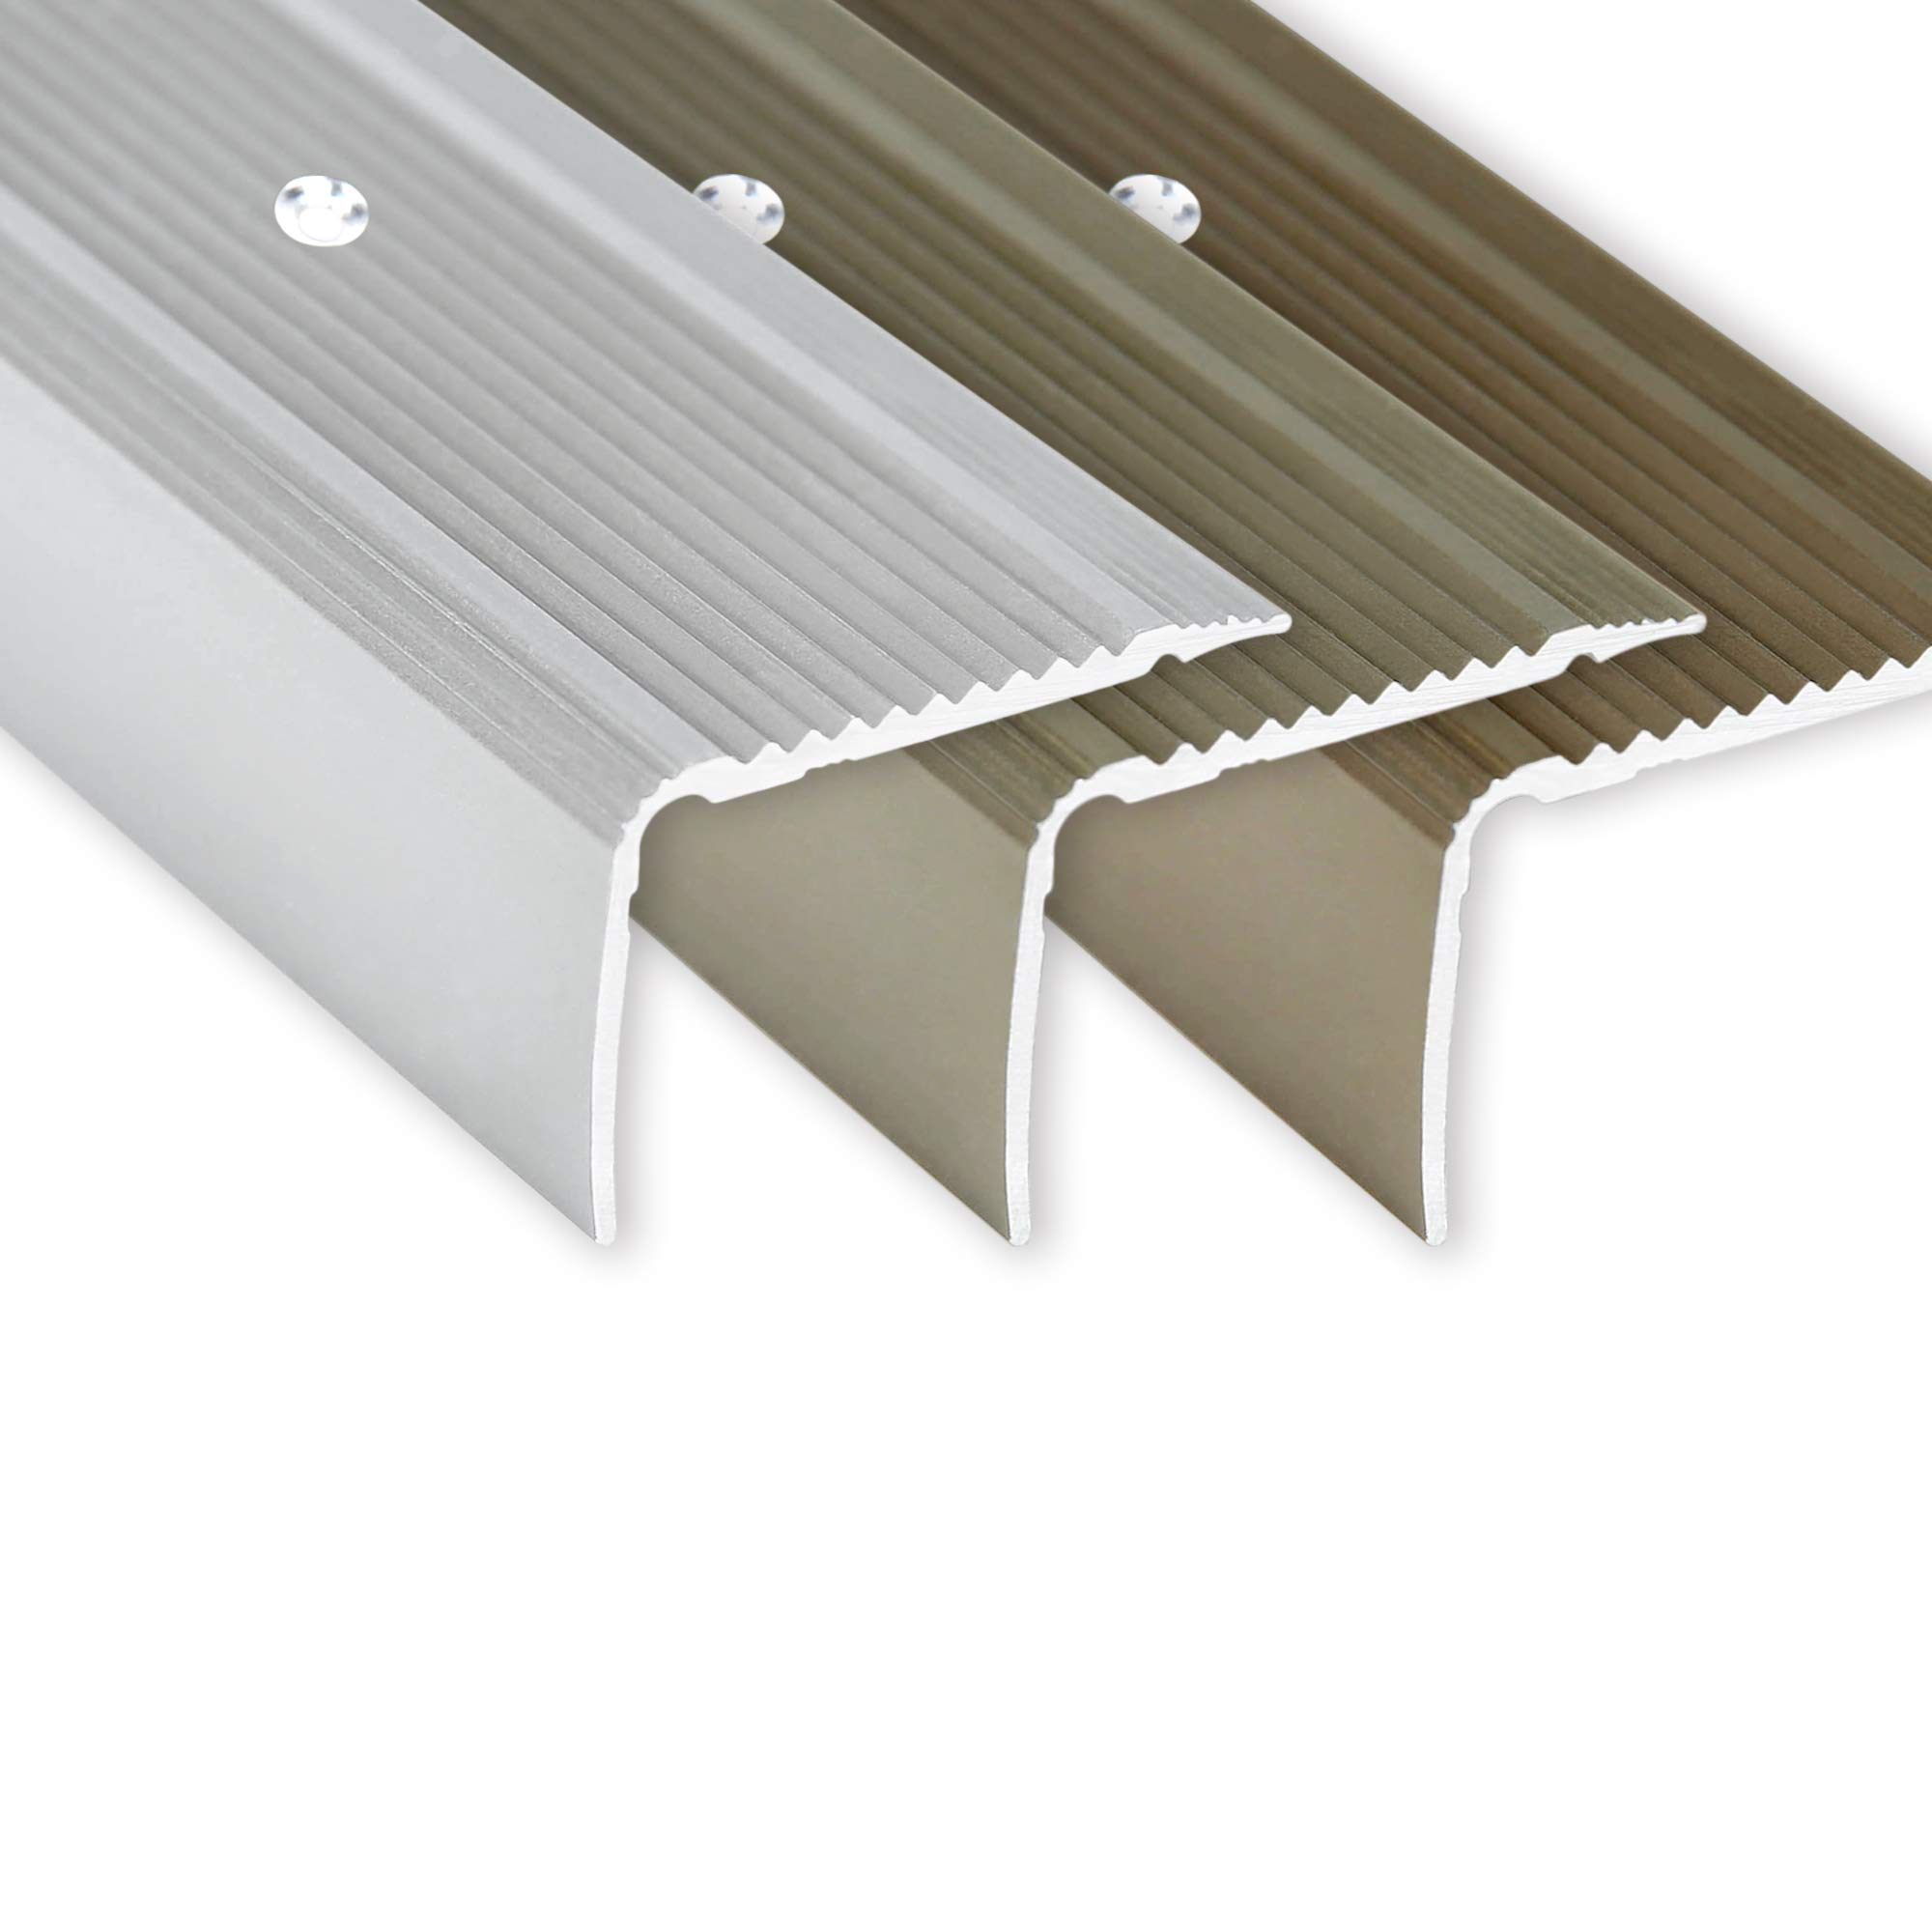 Toolerando Perfil para canto de escalera - 90 cm, forma en L, 30 x 20 mm, montaje con tornillos, plateado: Amazon.es: Bricolaje y herramientas